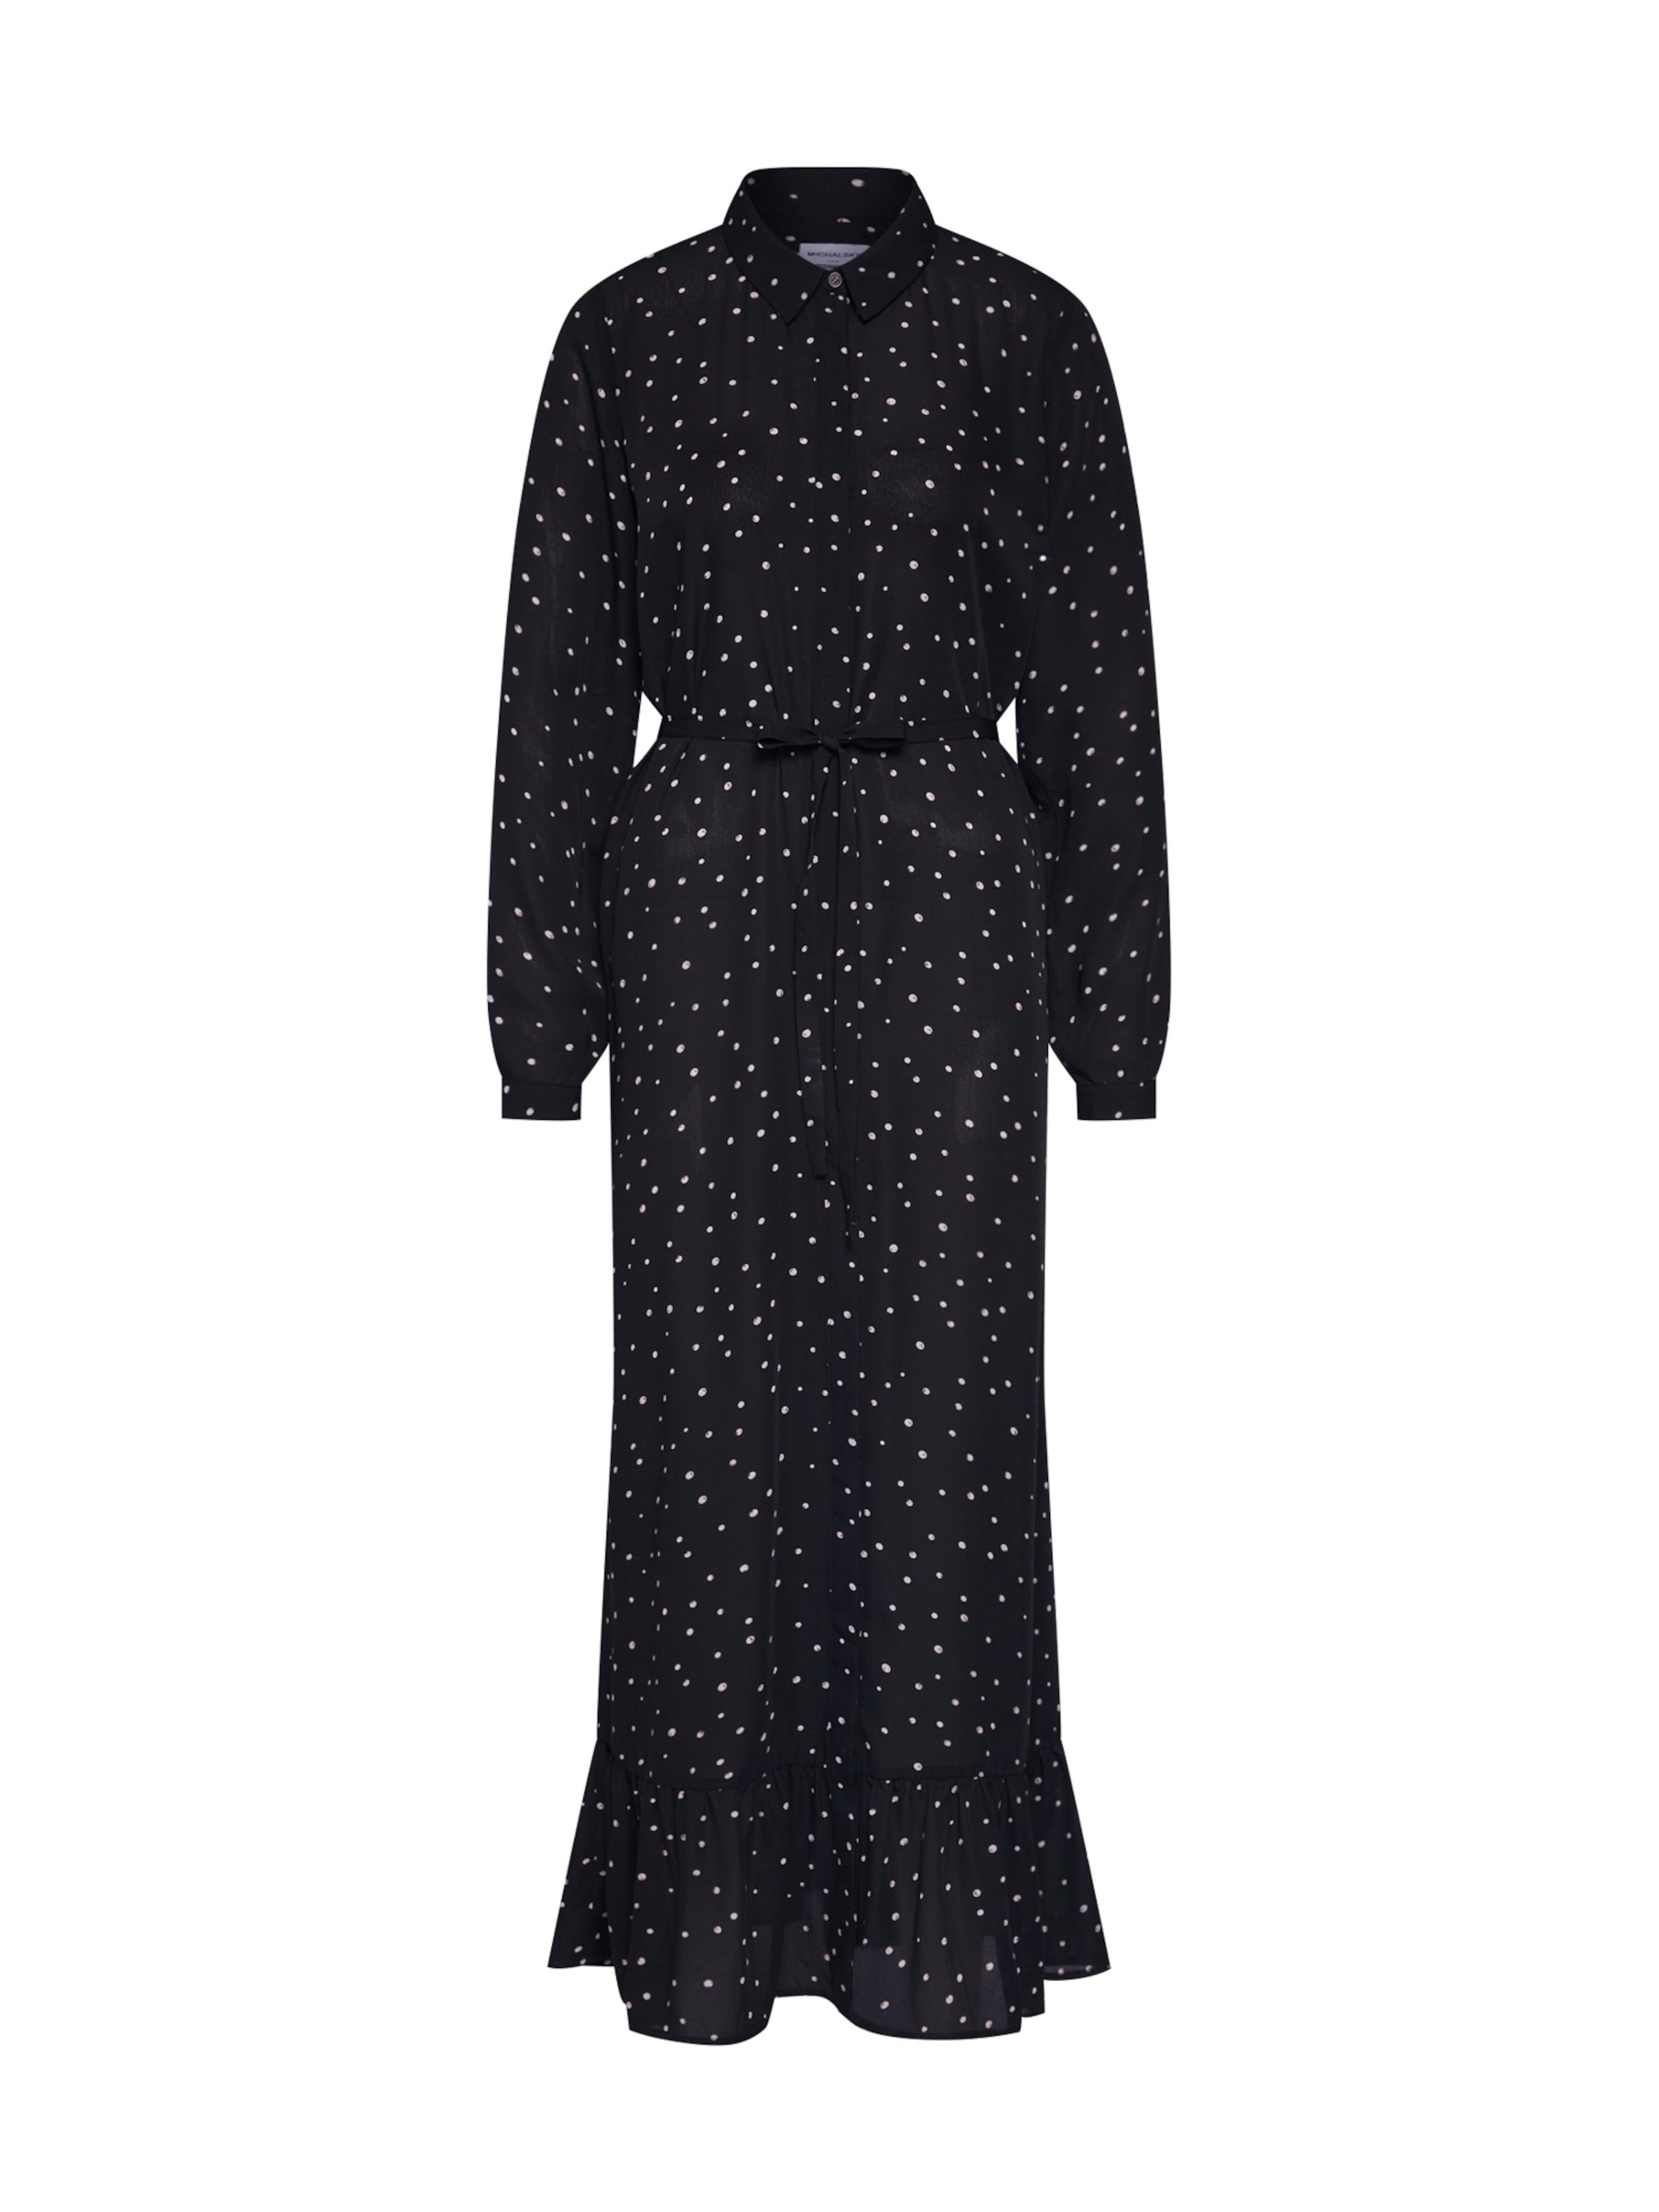 Schwarz Michalsky 'kaja Kleid For In You About Dress' ZlwXuOiPkT